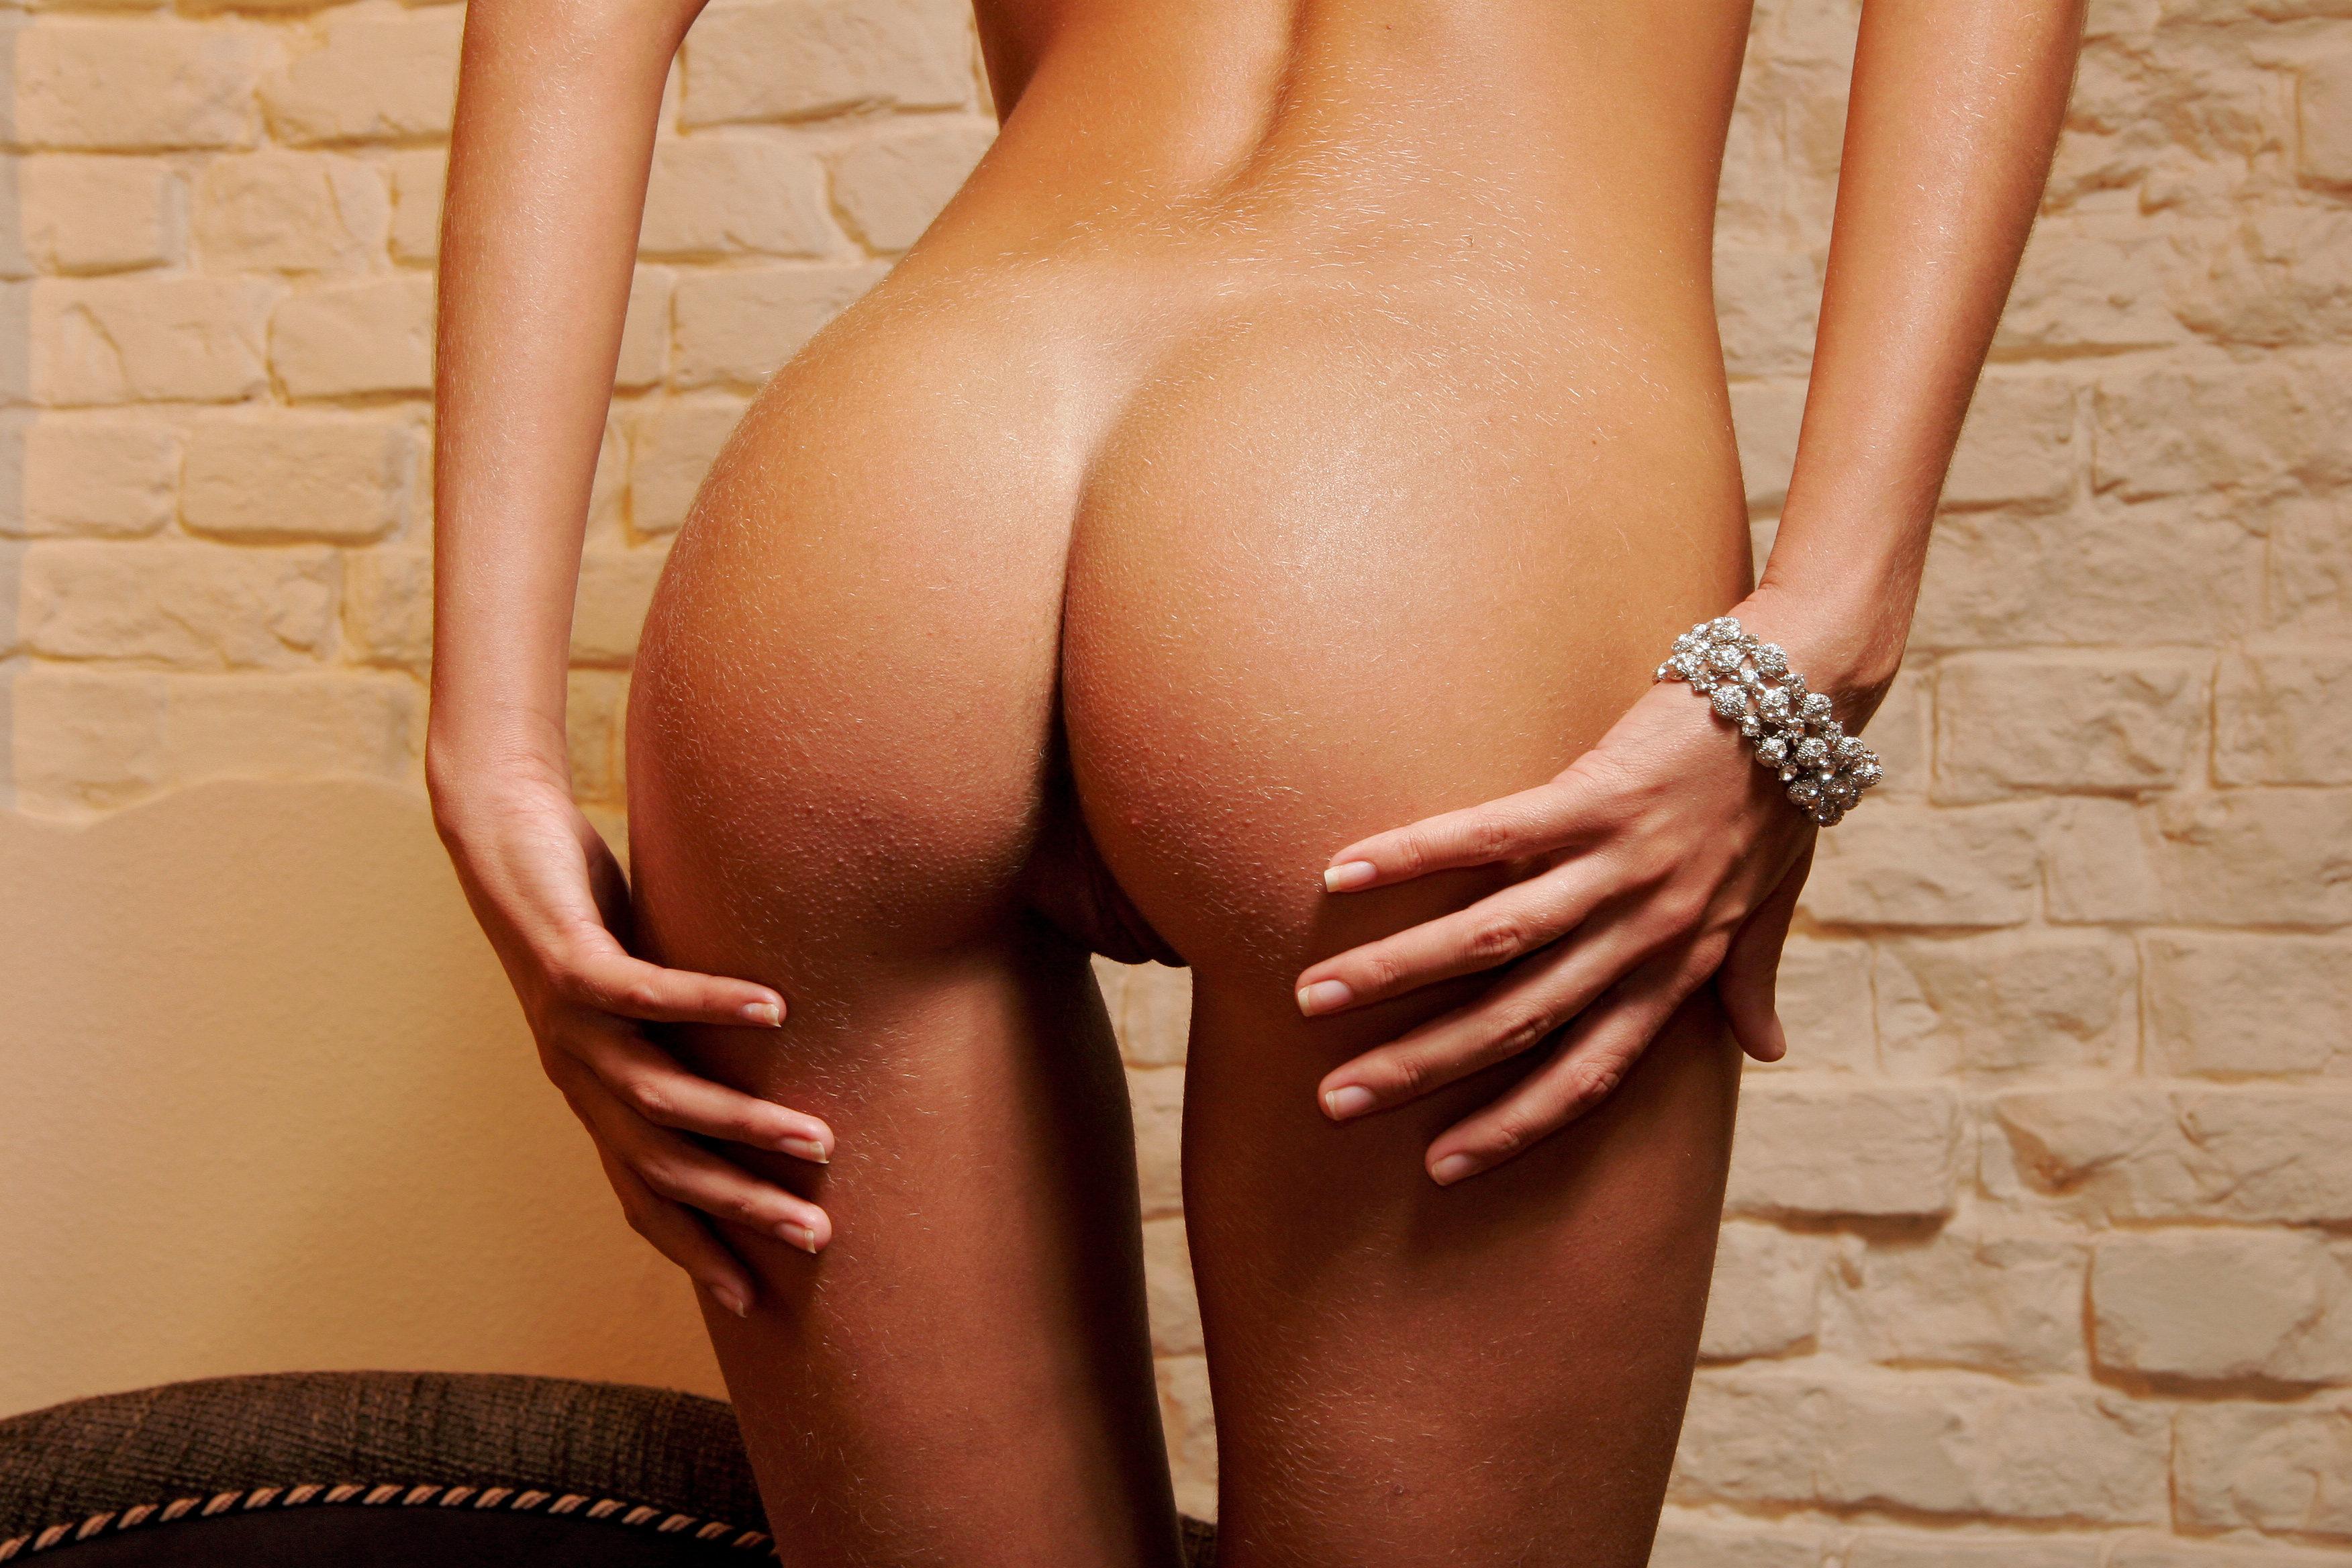 Фигуристые попки фото, Шикарные красотки получают огромные пенисы в свои 10 фотография